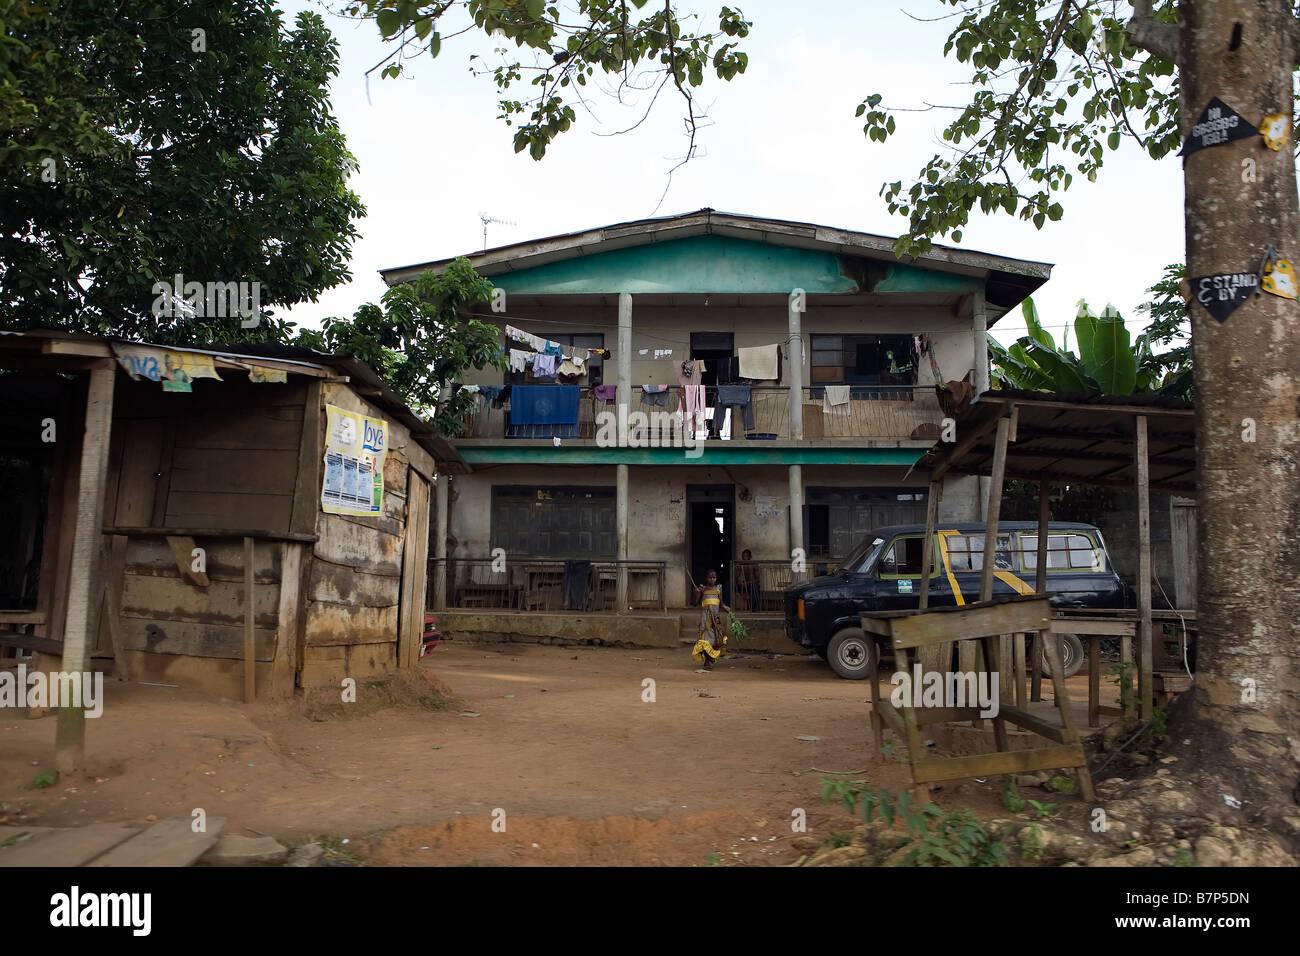 Grande maison à poka epe létat de lagos nigéria